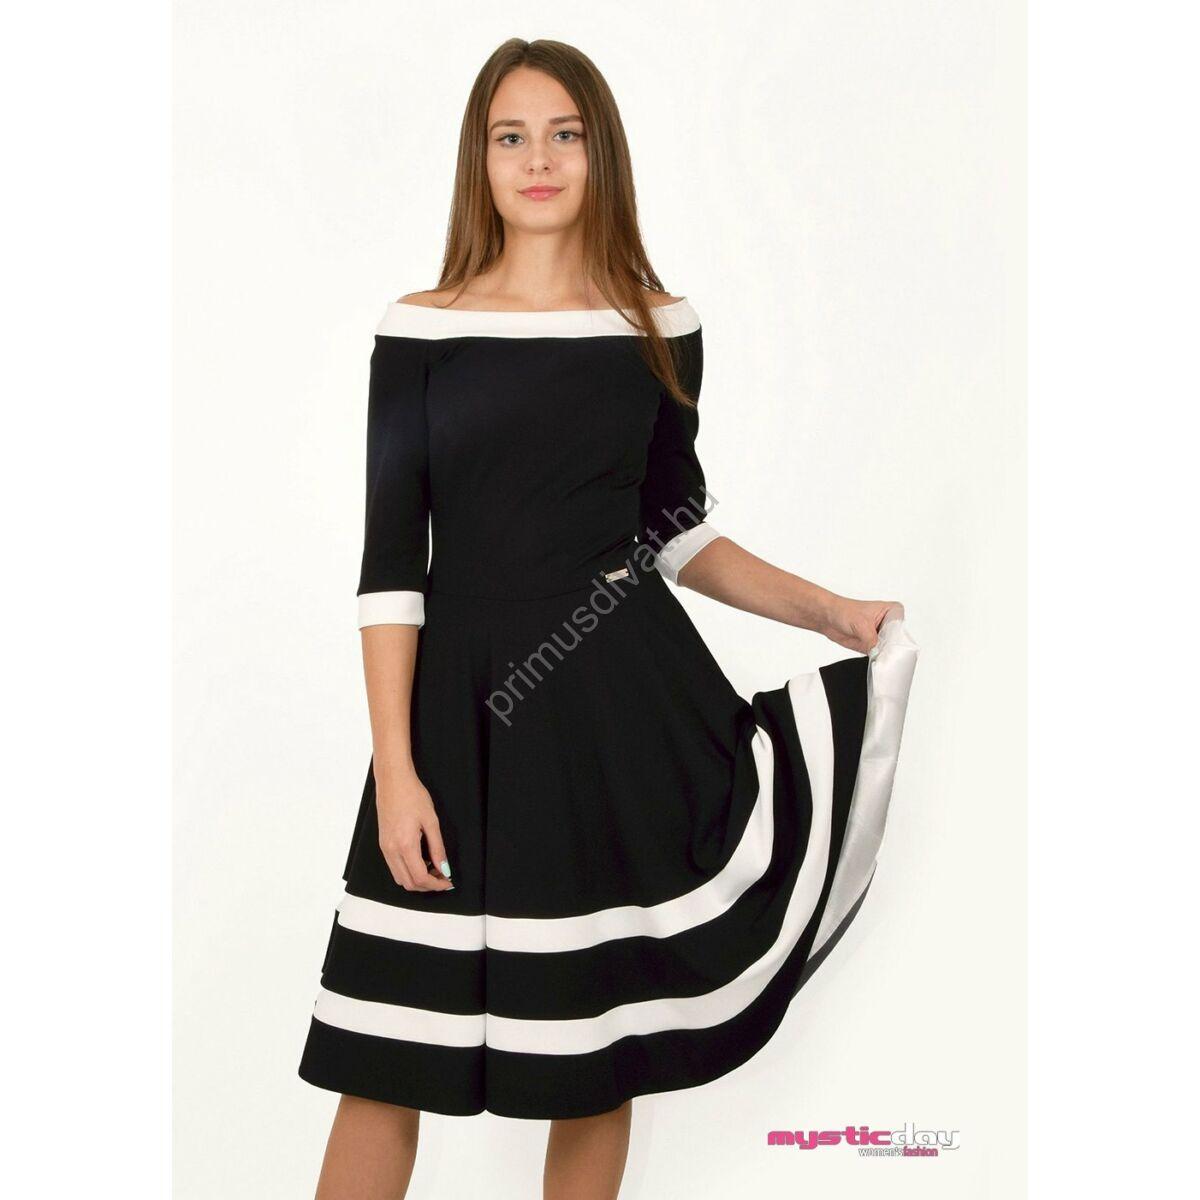 Mystic Day vállra szabott alsószoknyás loknis fekete-fehér alkalmi ruha 7153802ede